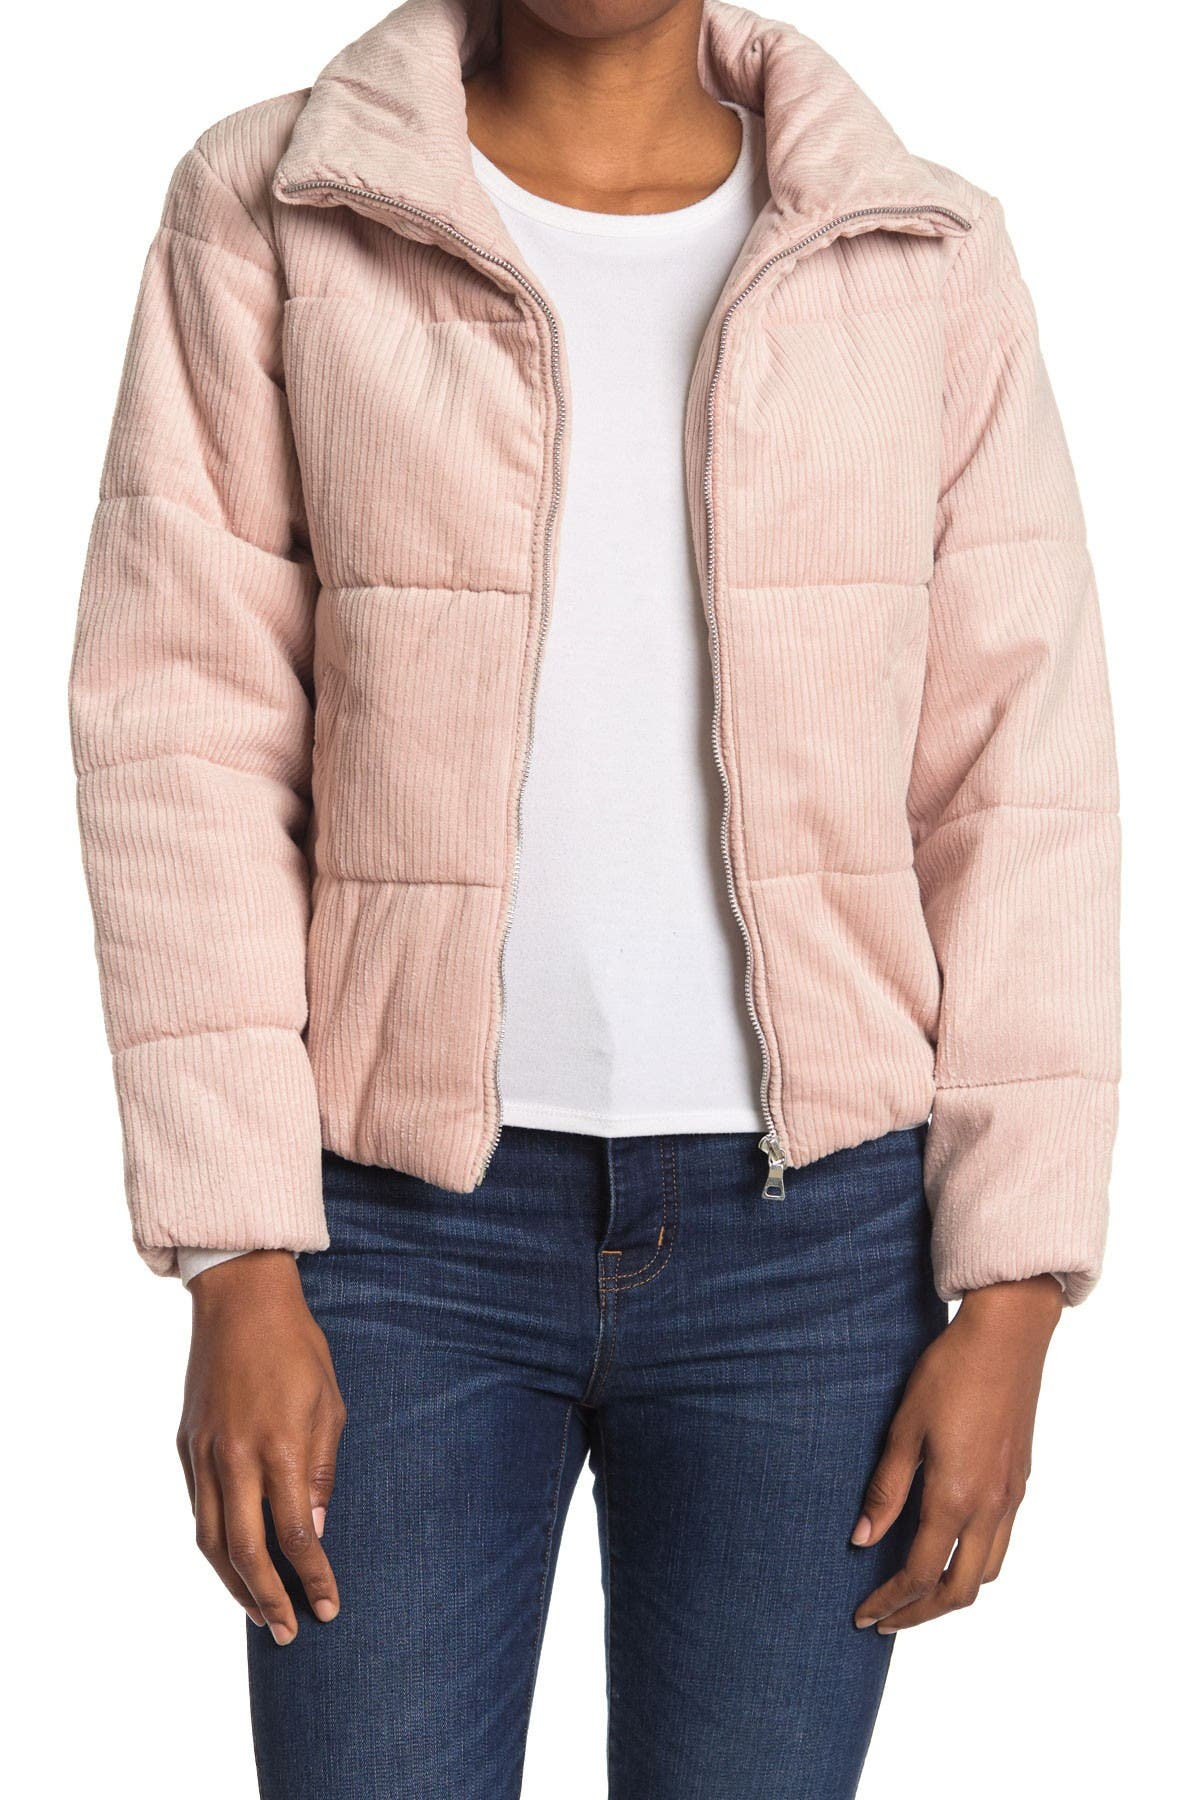 Image of Sebby Corduroy Zip Puffer Jacket